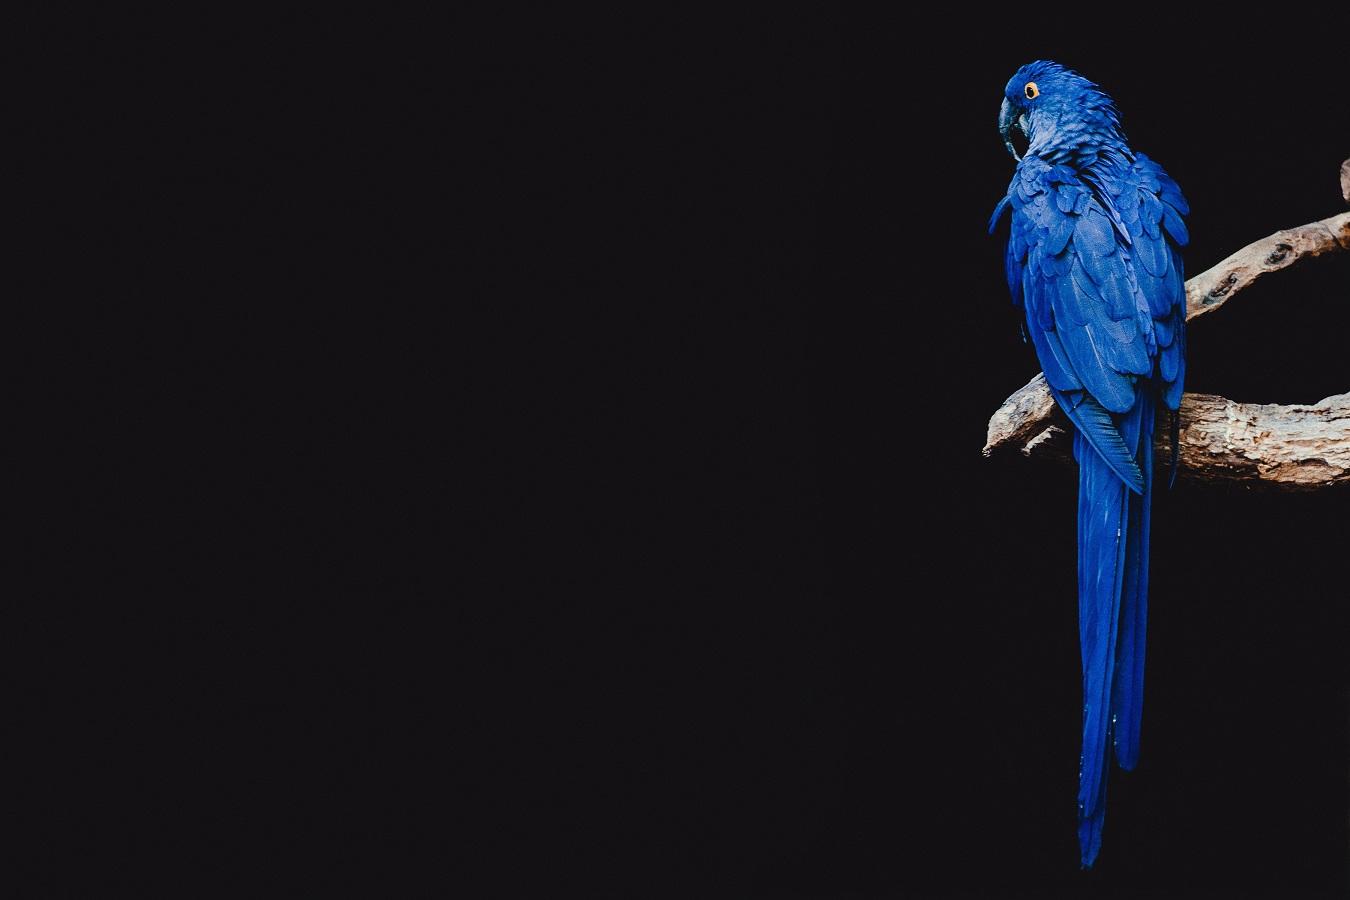 Festliches Konzert – Birdland